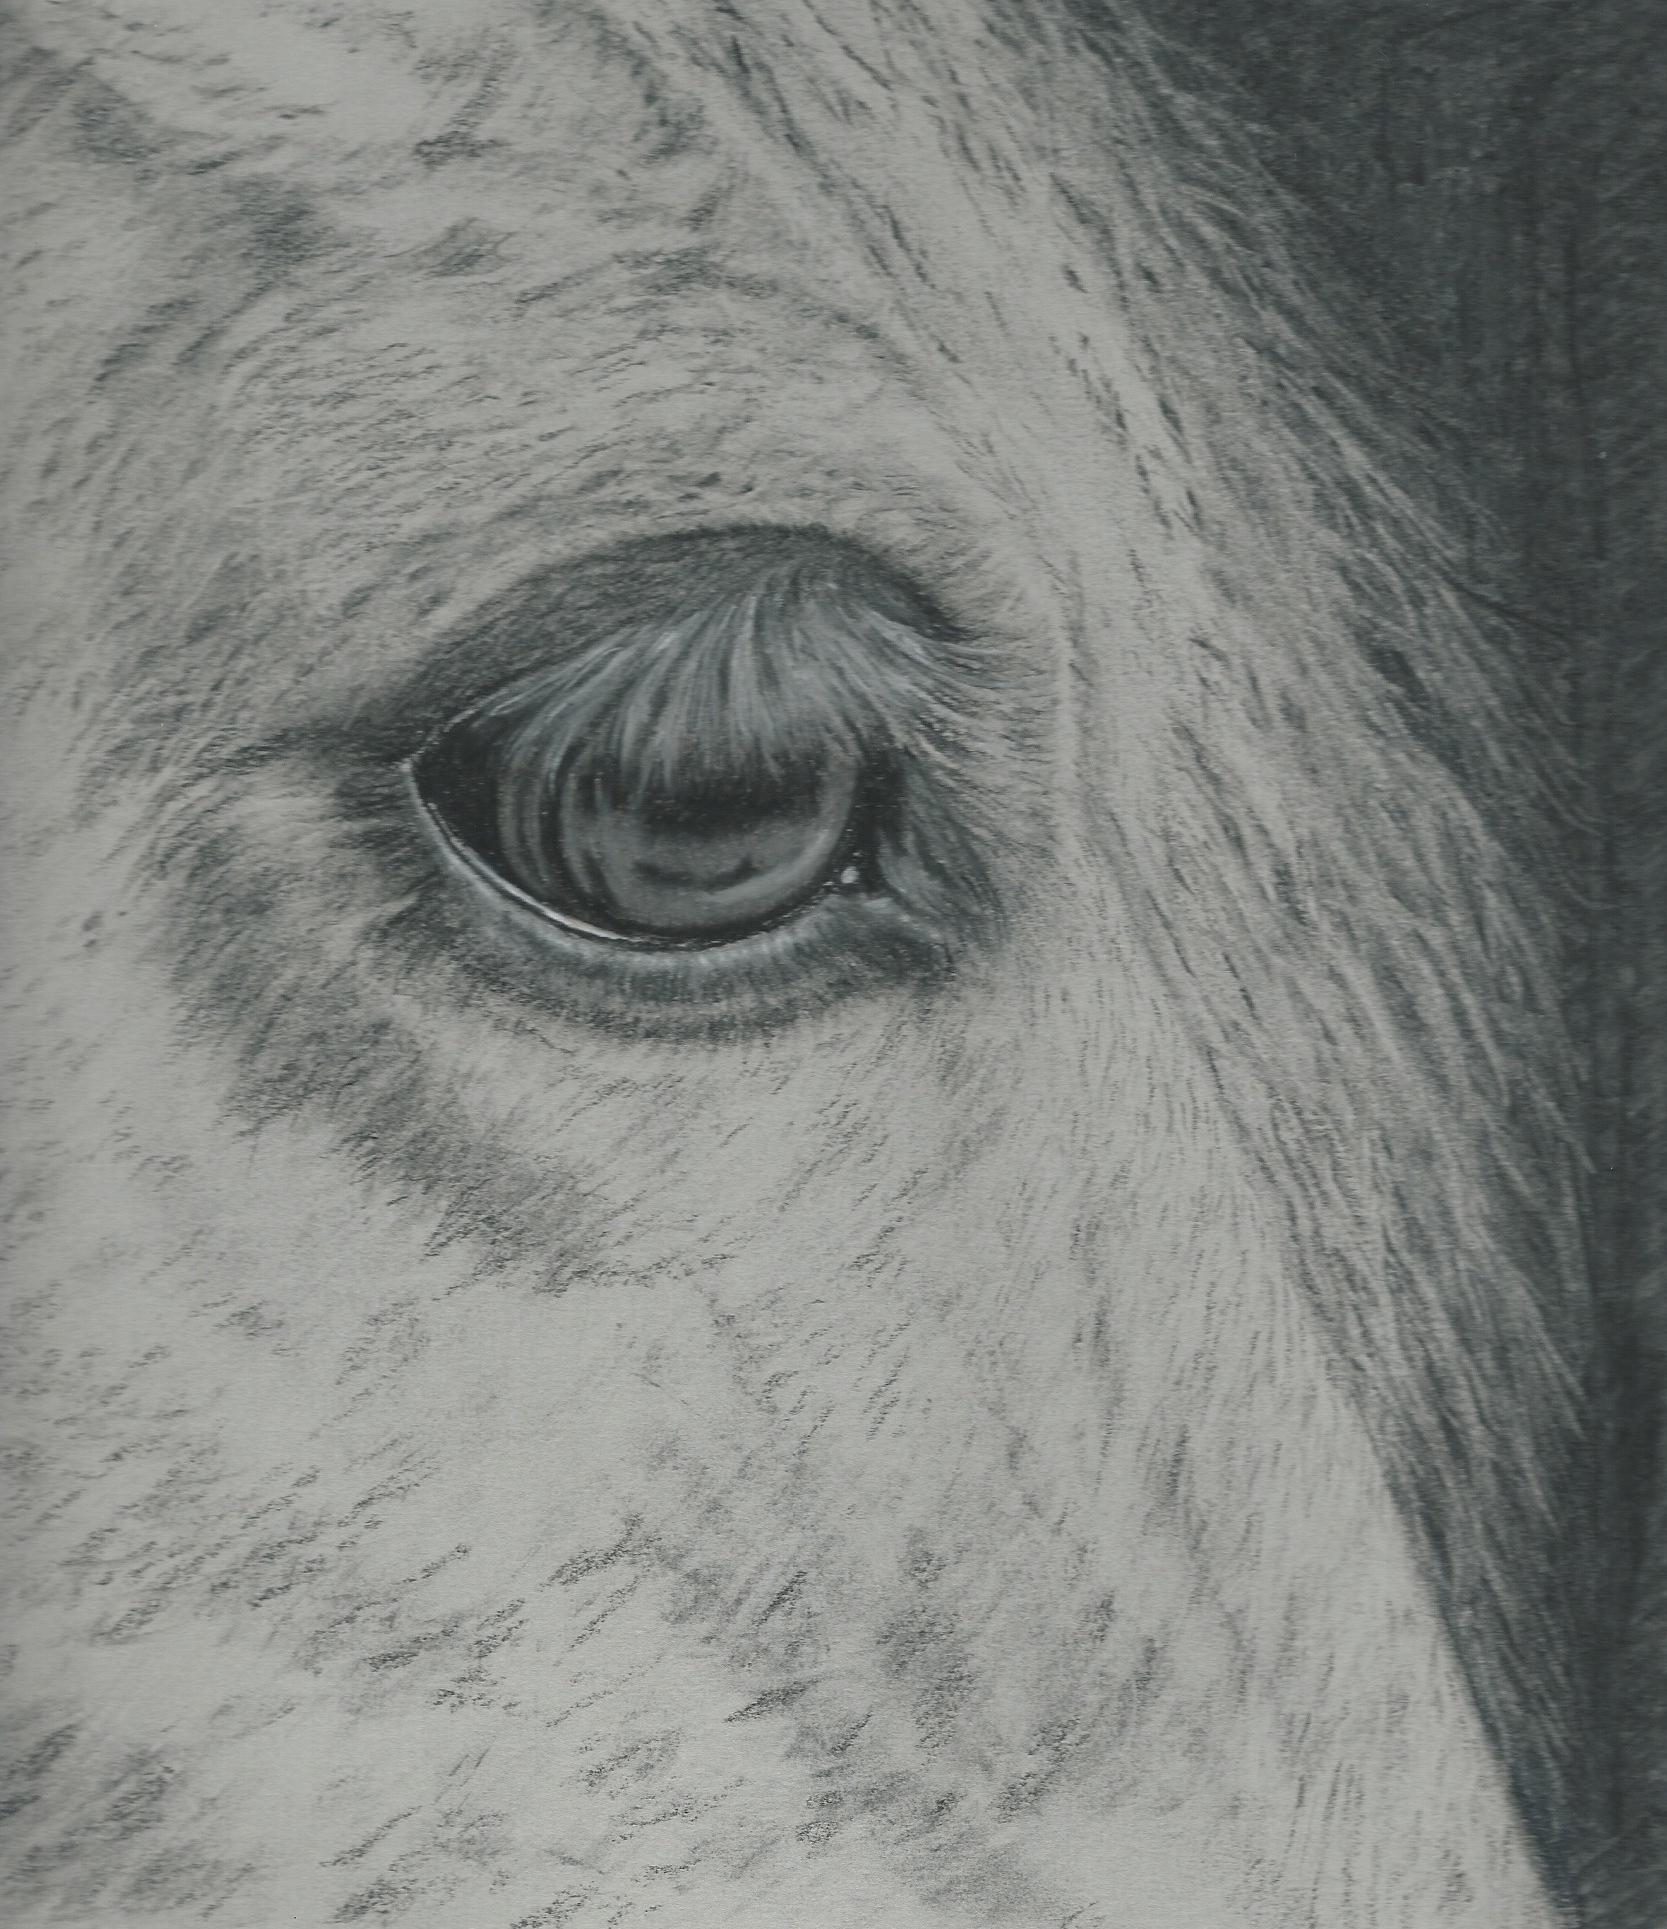 Horse charcoal eye